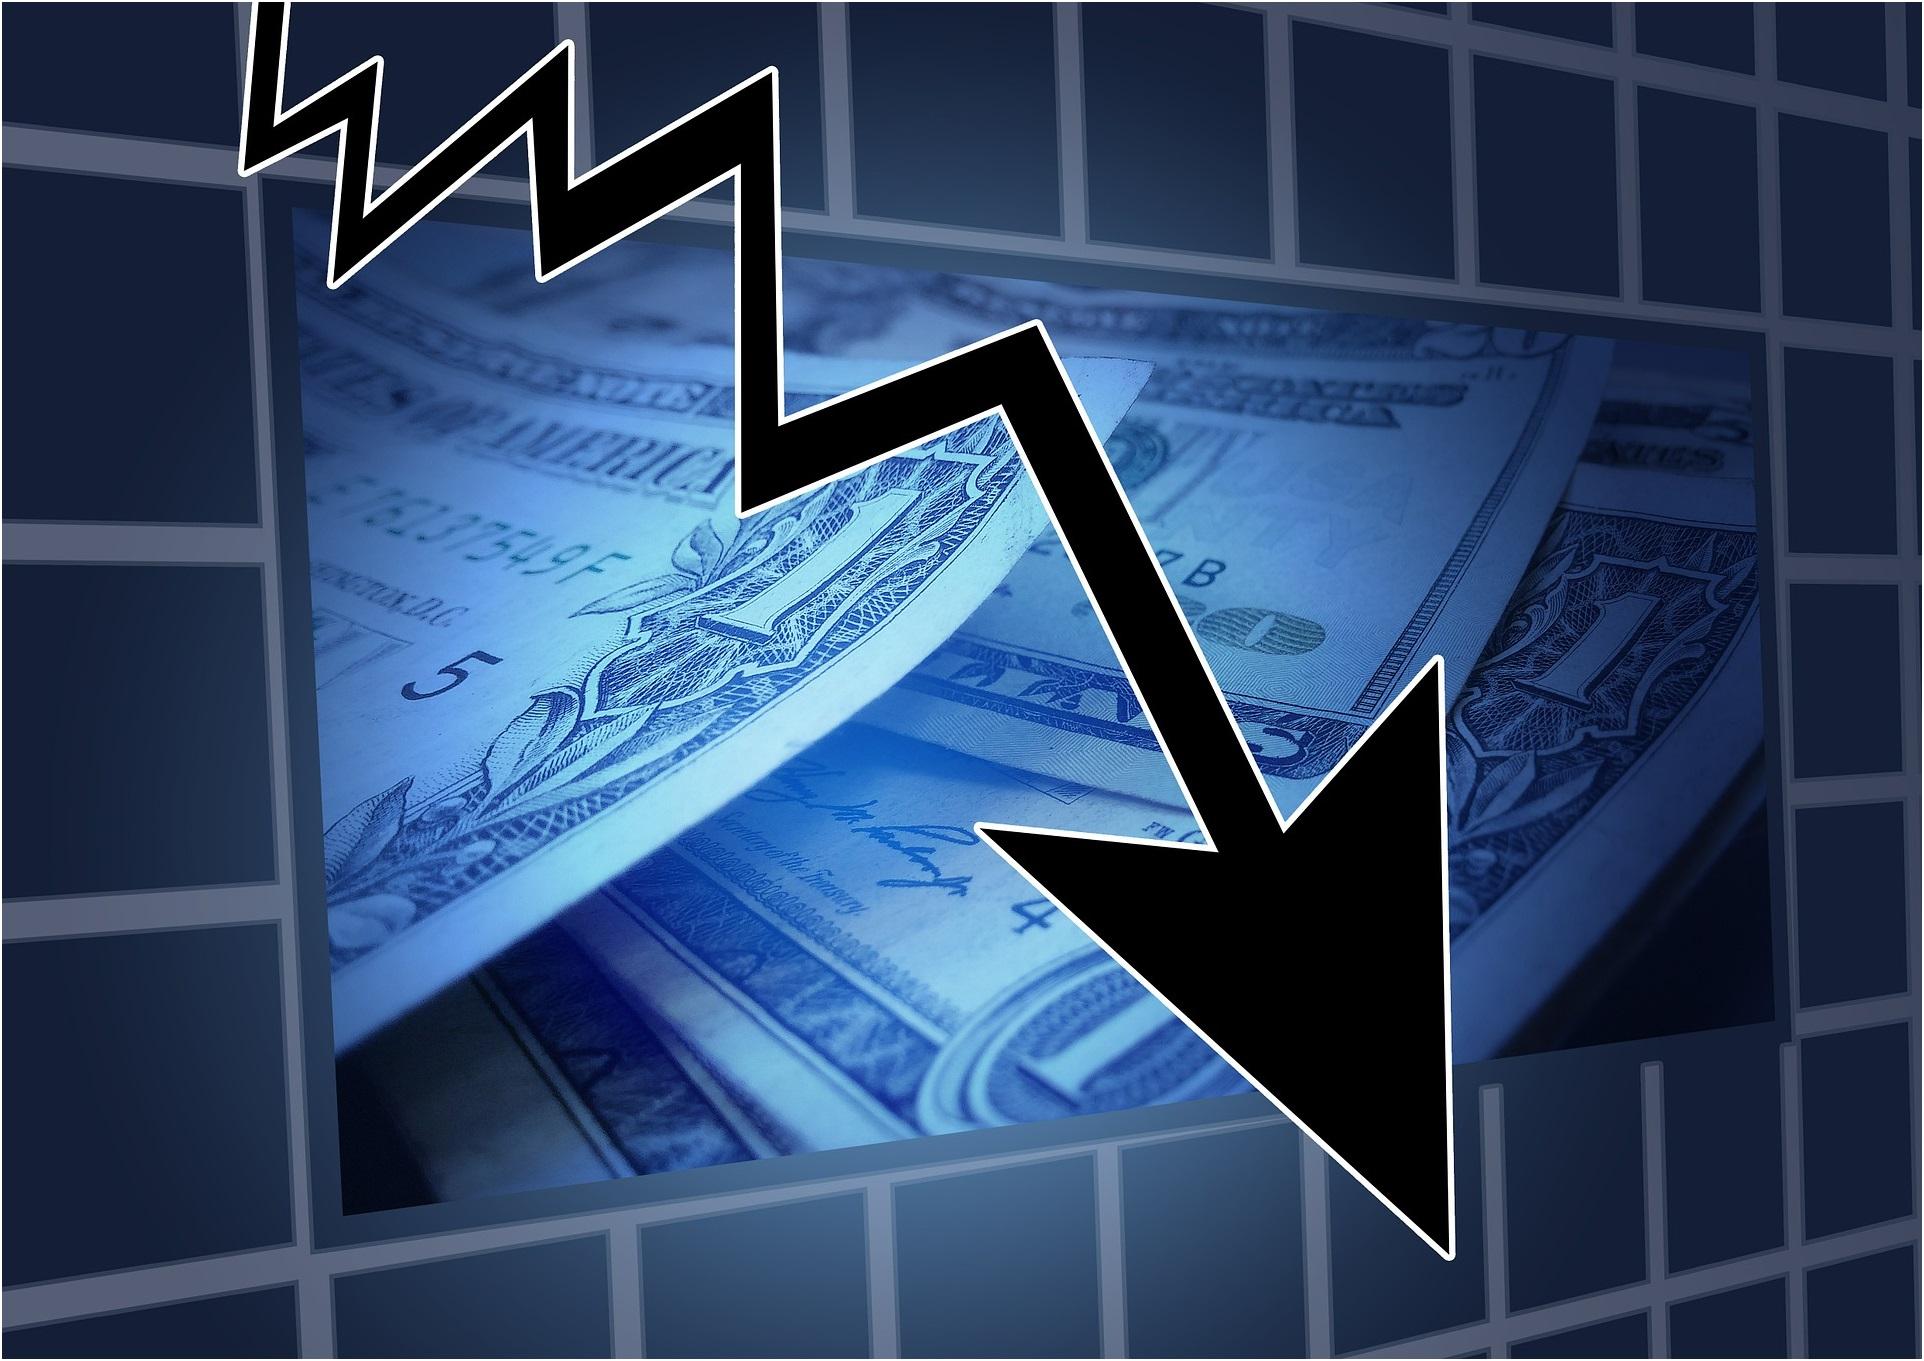 5 أسباب قد تكون السبب الرئيسي خلف خسارتك سوق العملات الرقمية